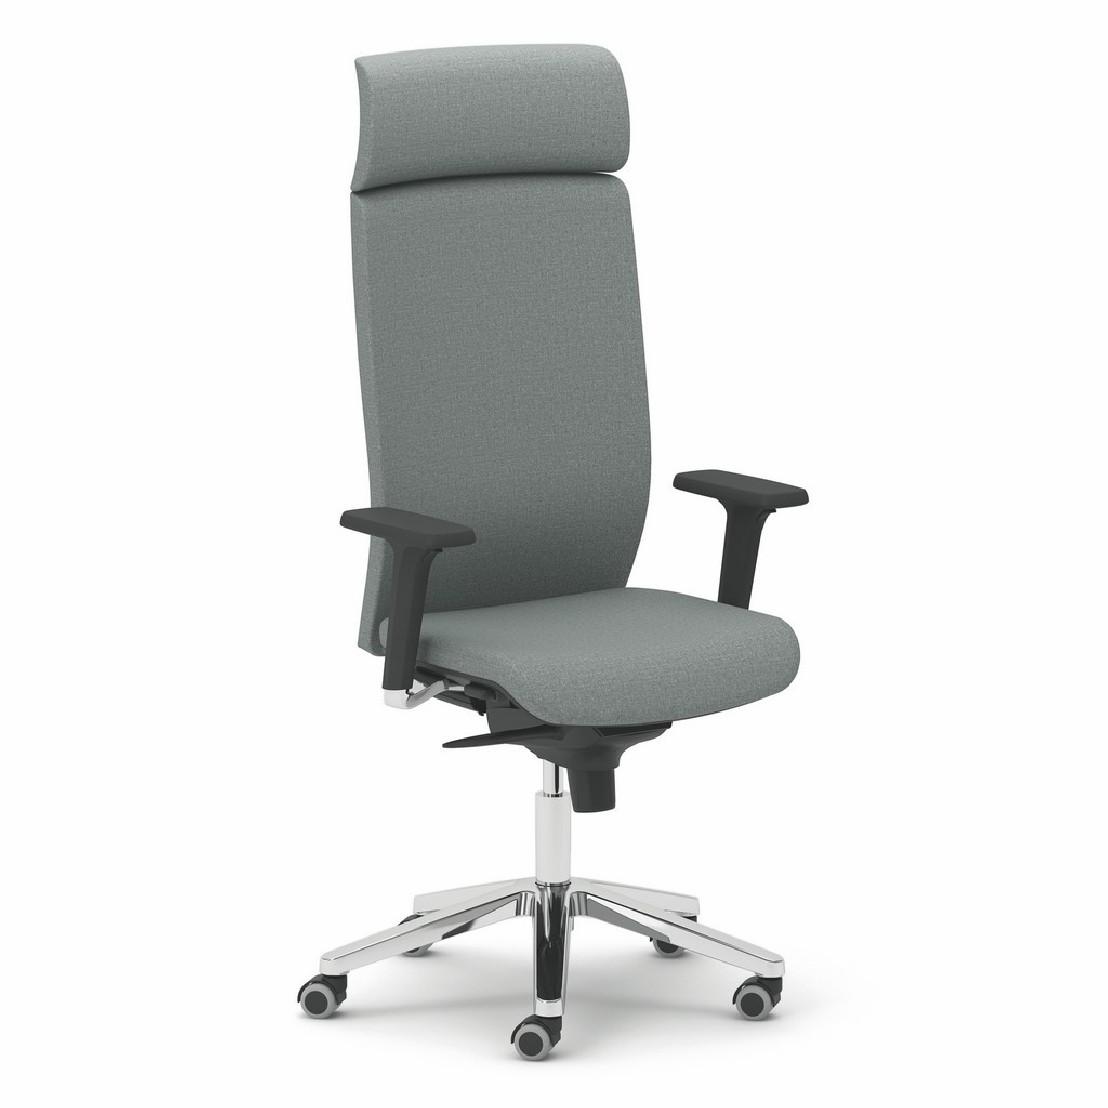 fauteuil de direction pour le bureau dossier haut office 485. Black Bedroom Furniture Sets. Home Design Ideas